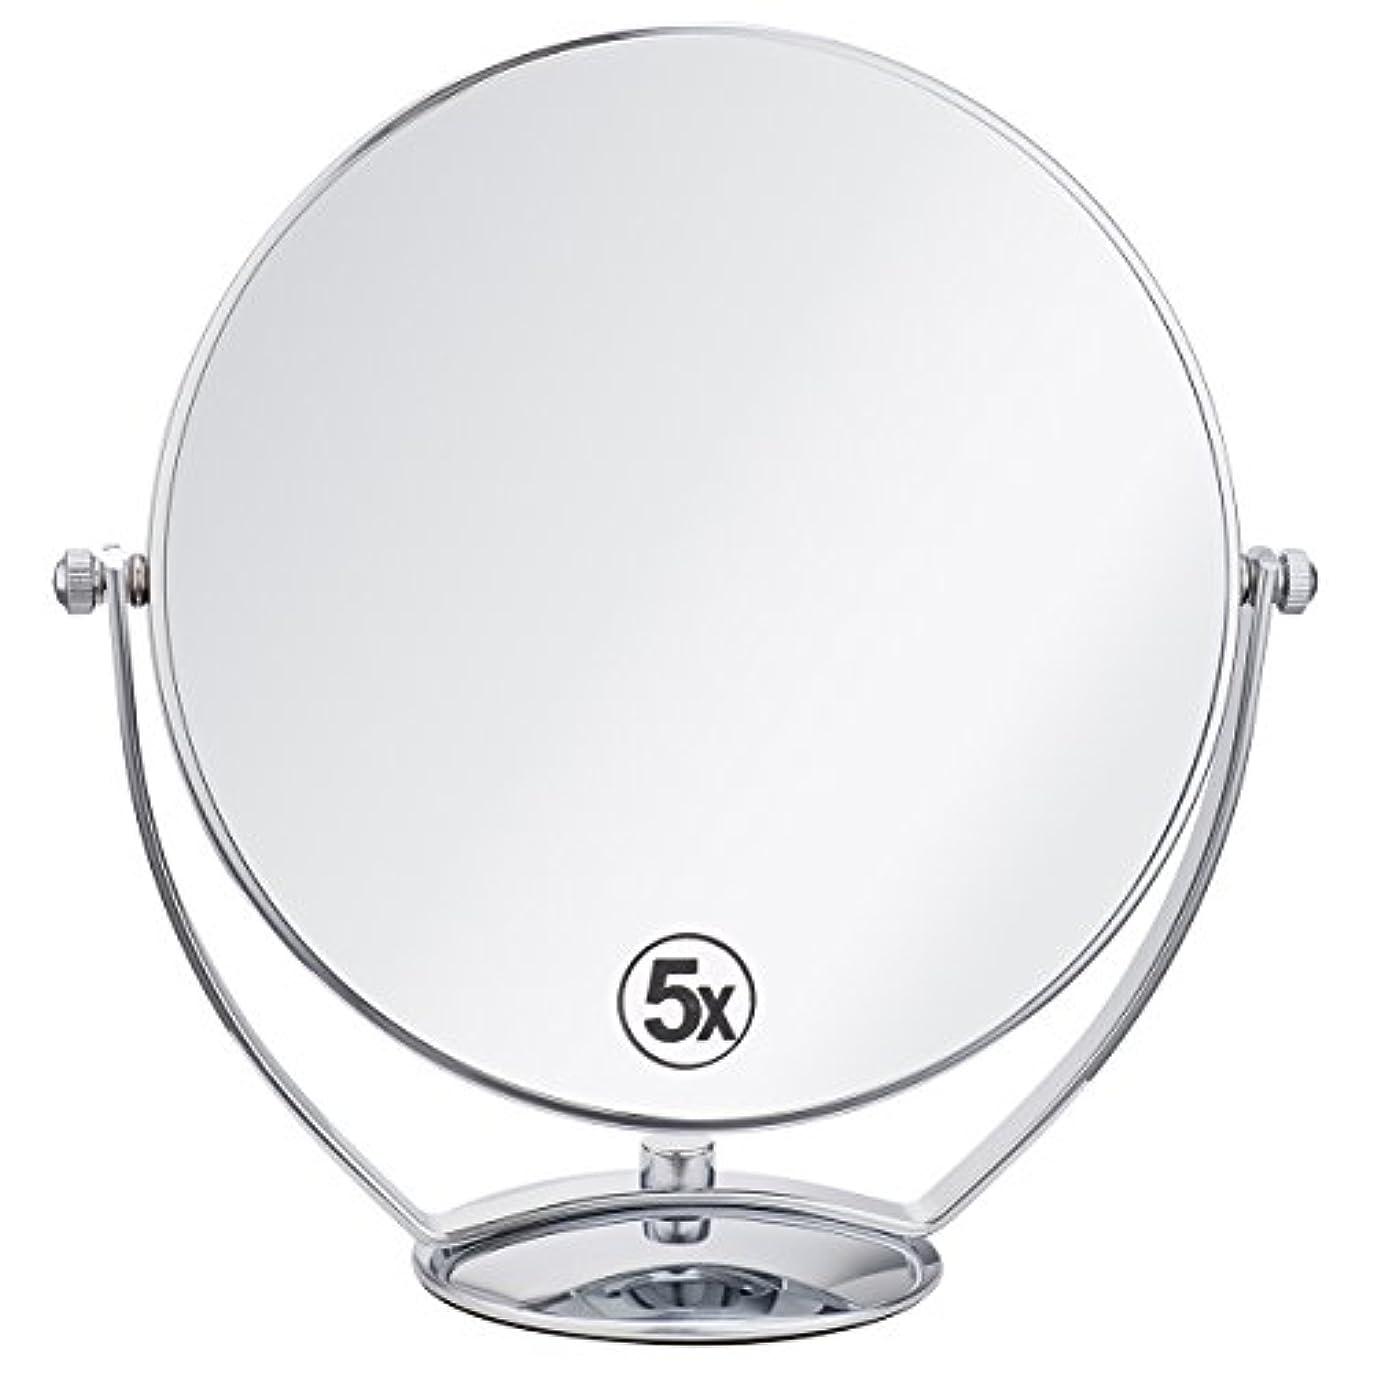 ふざけた覚えている写真を描く(セーディコ)Cerdeco 西洋風鏡 真実の両面鏡DX 5倍拡大鏡+等倍鏡 両面化粧鏡 360度回転 卓上鏡 スタンドミラー メイク道具 大きい鏡面φ198mm j823